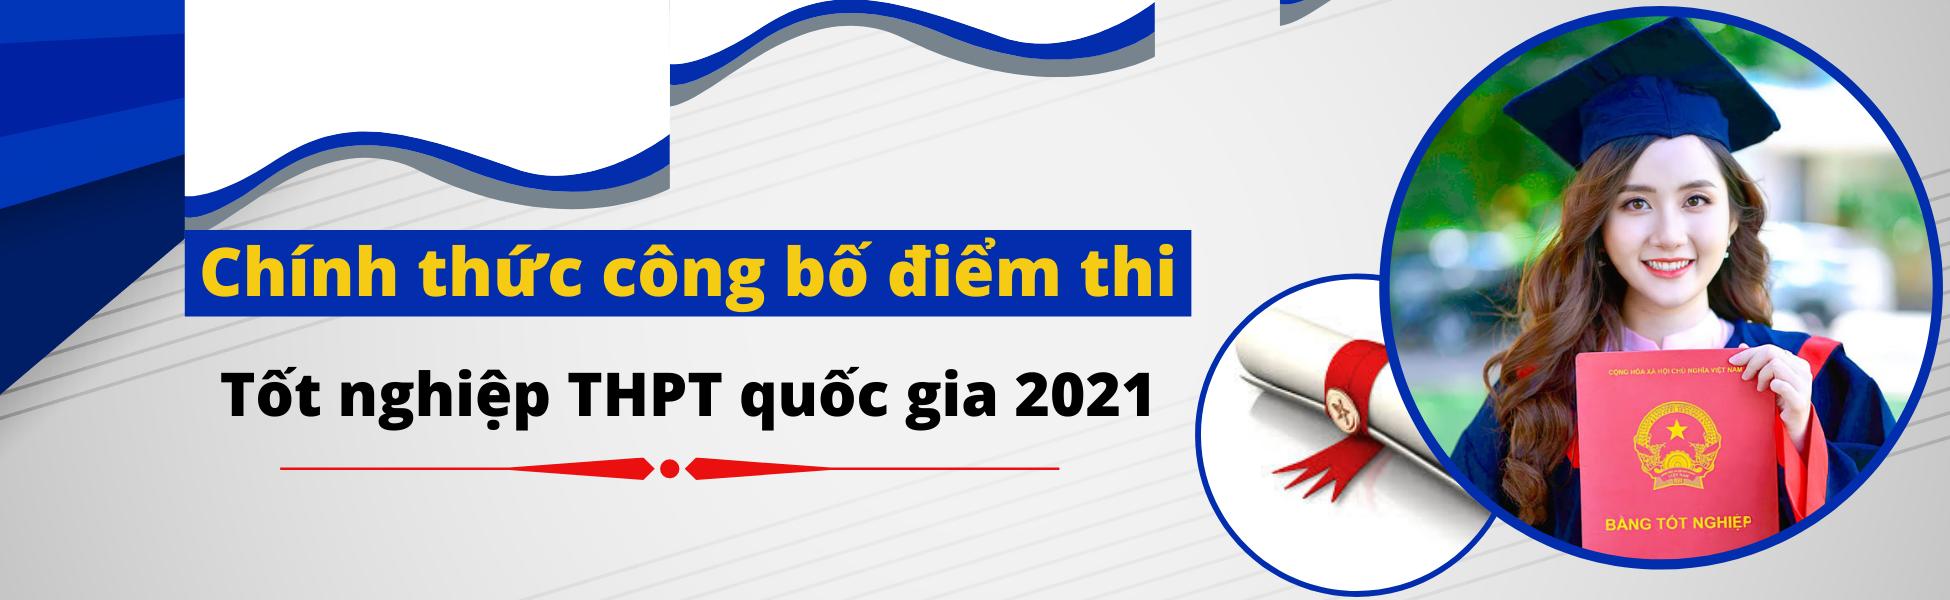 Chính thức công bố điểm thi tốt nghiệp THPT quốc gia 2021